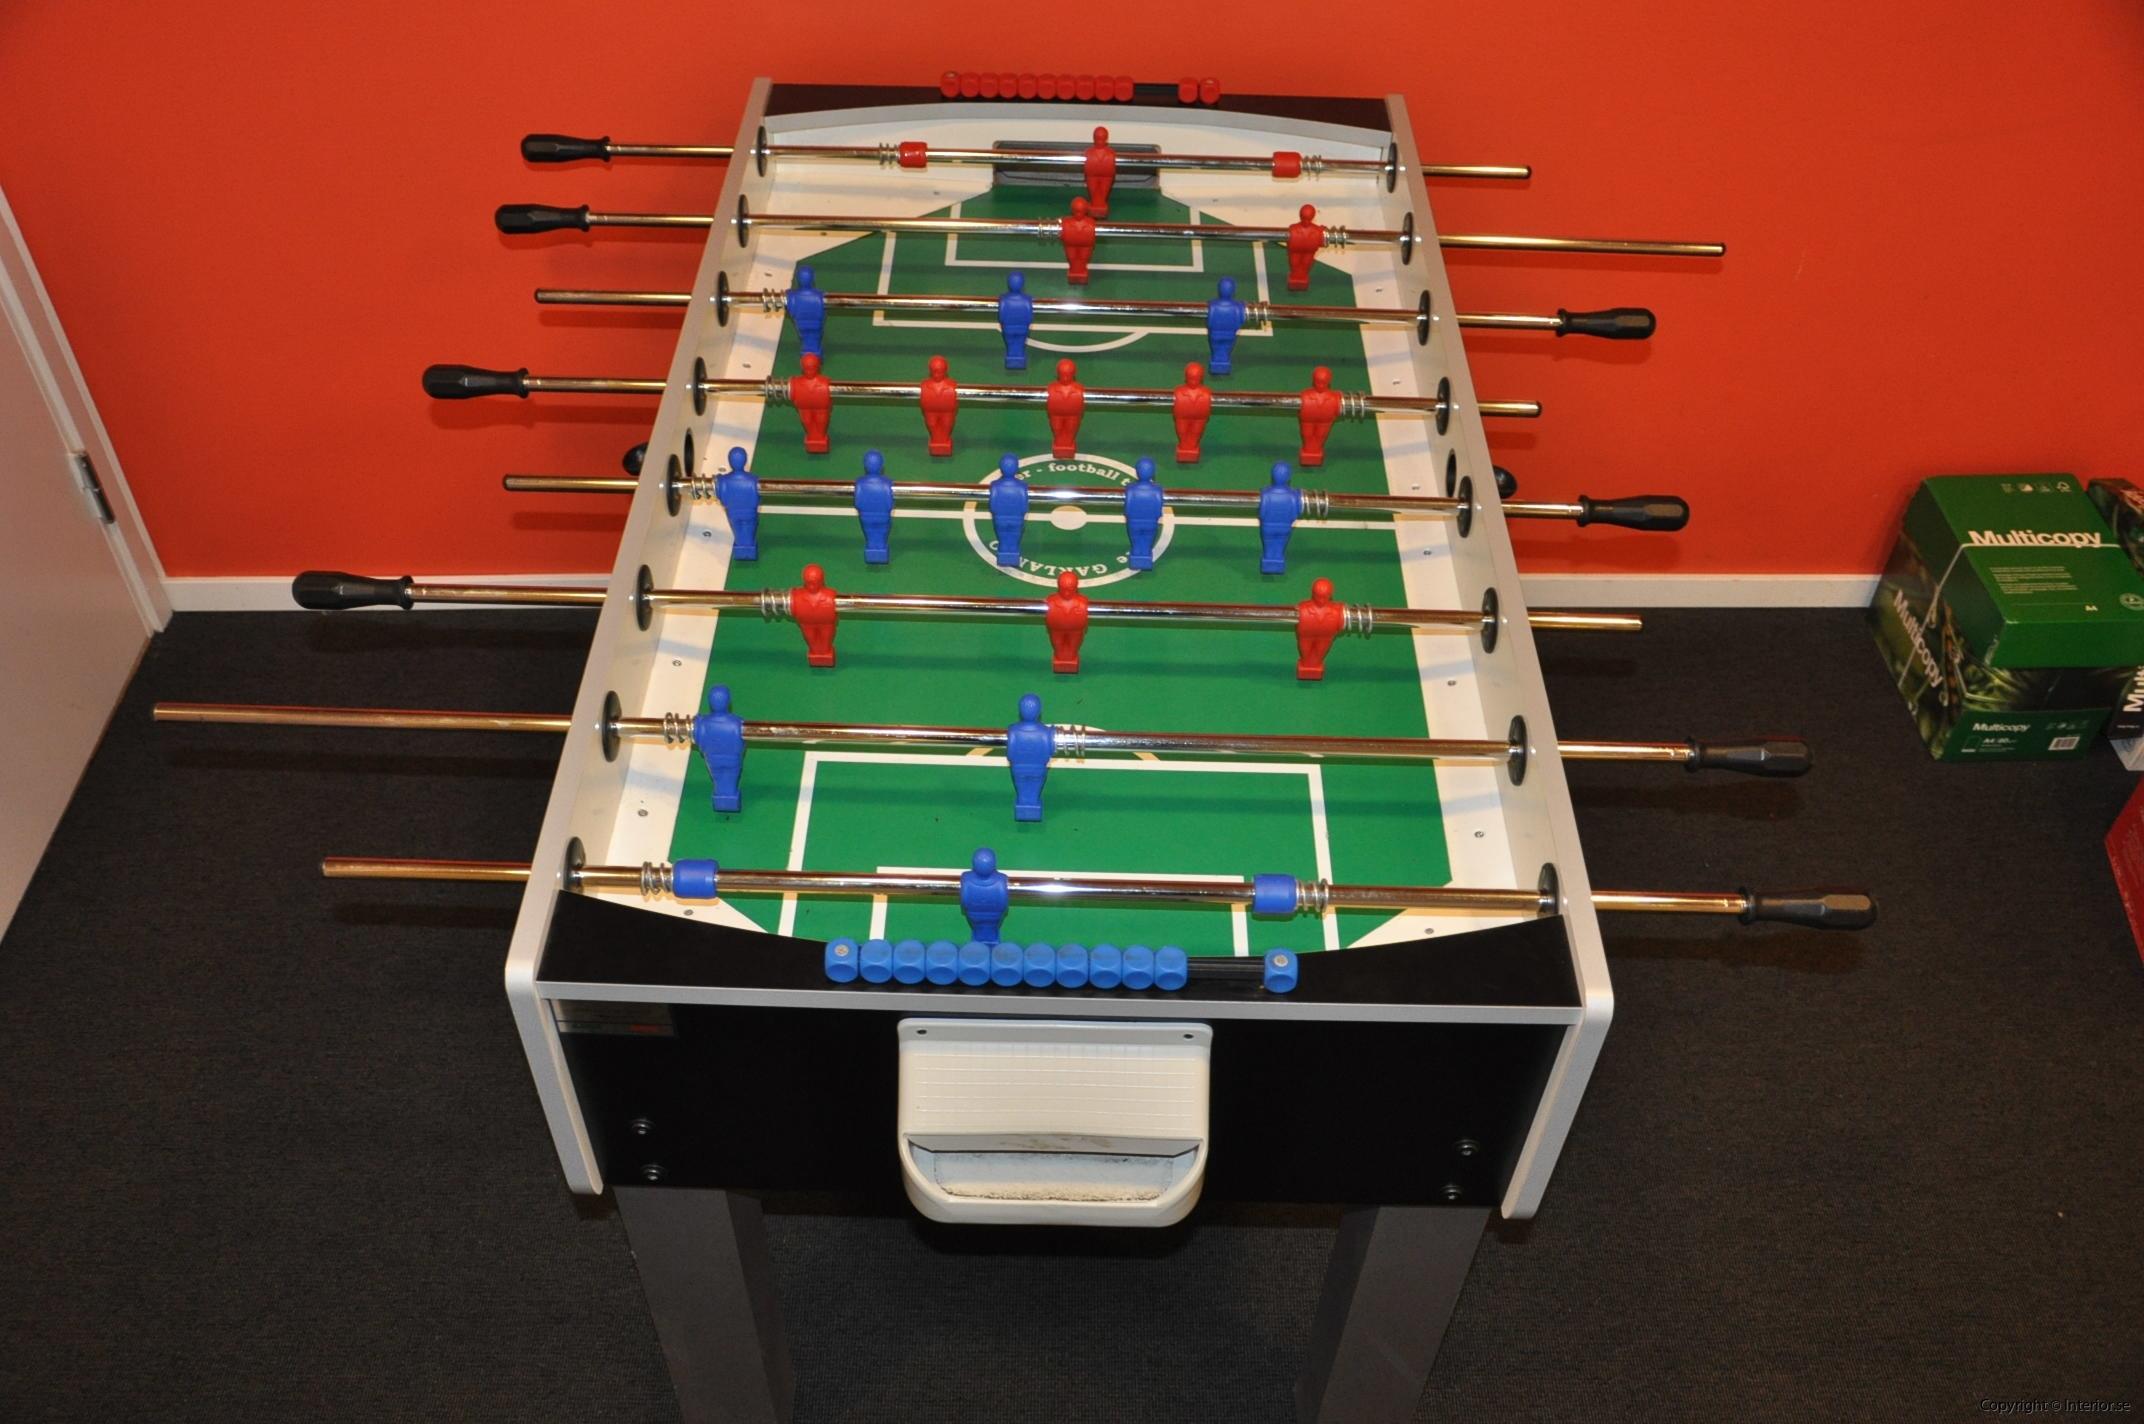 Hyra fotbollsspel fussbollspel hyr (3)